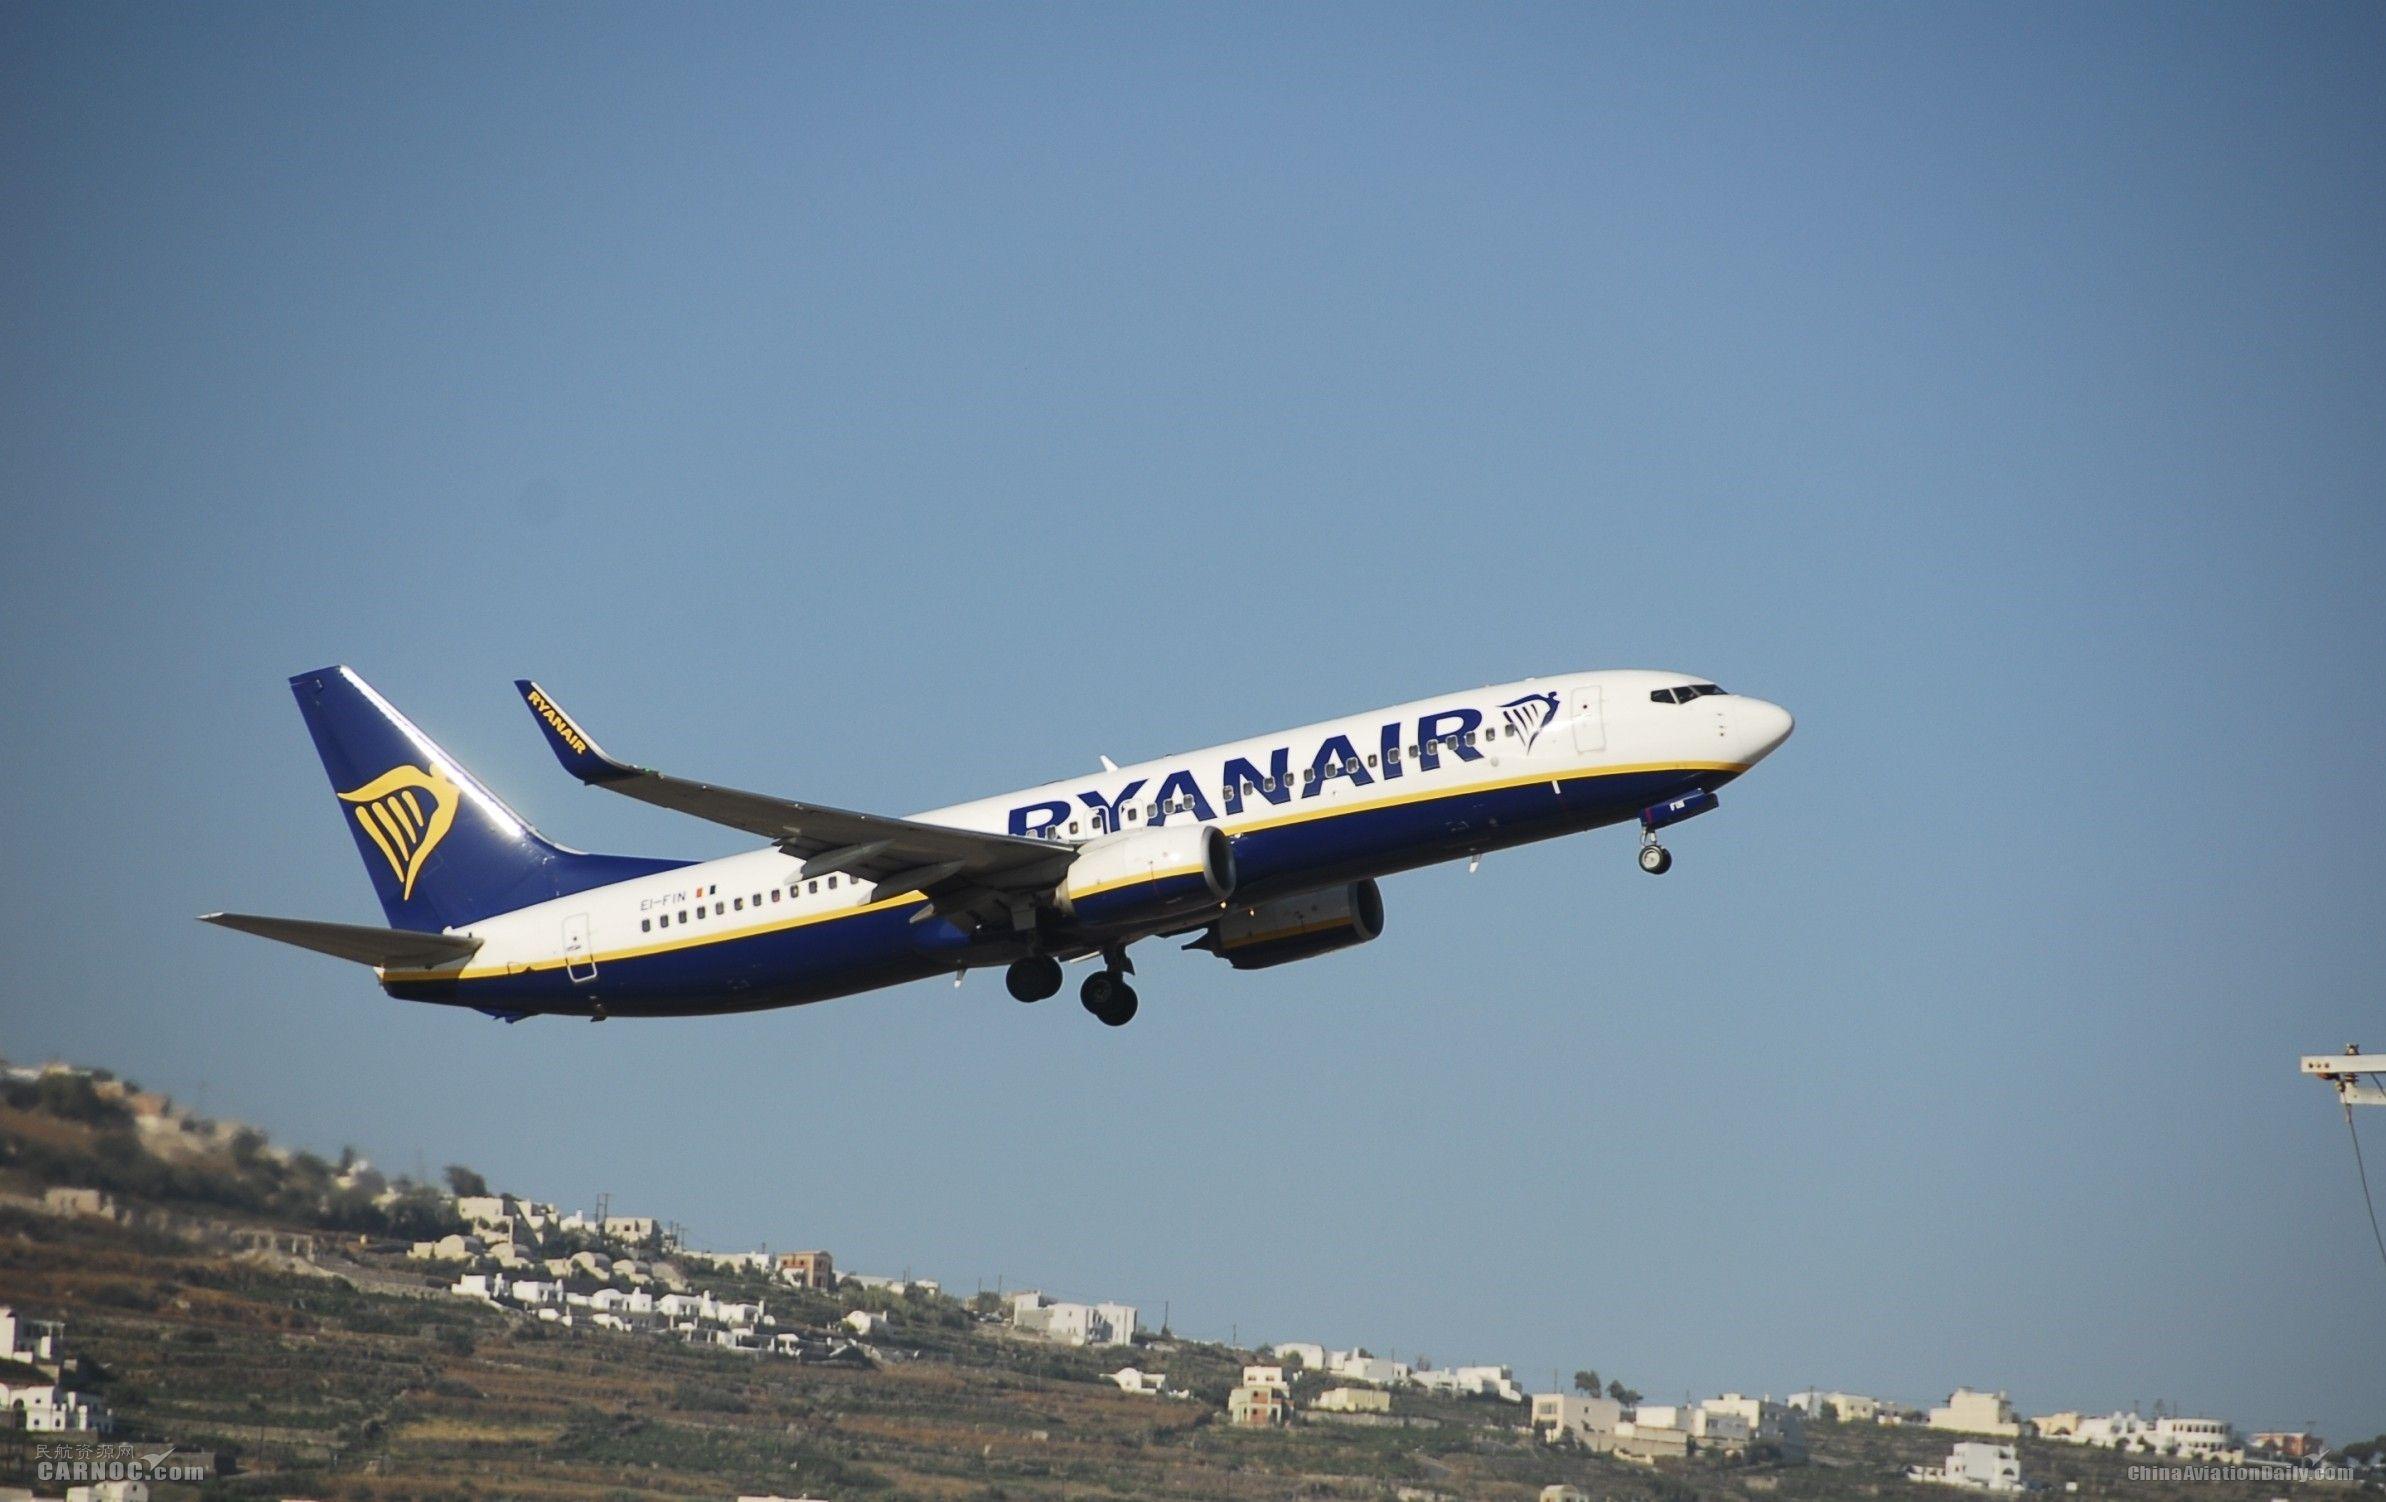 737MAX背锅?瑞安航空将削减运力并裁员